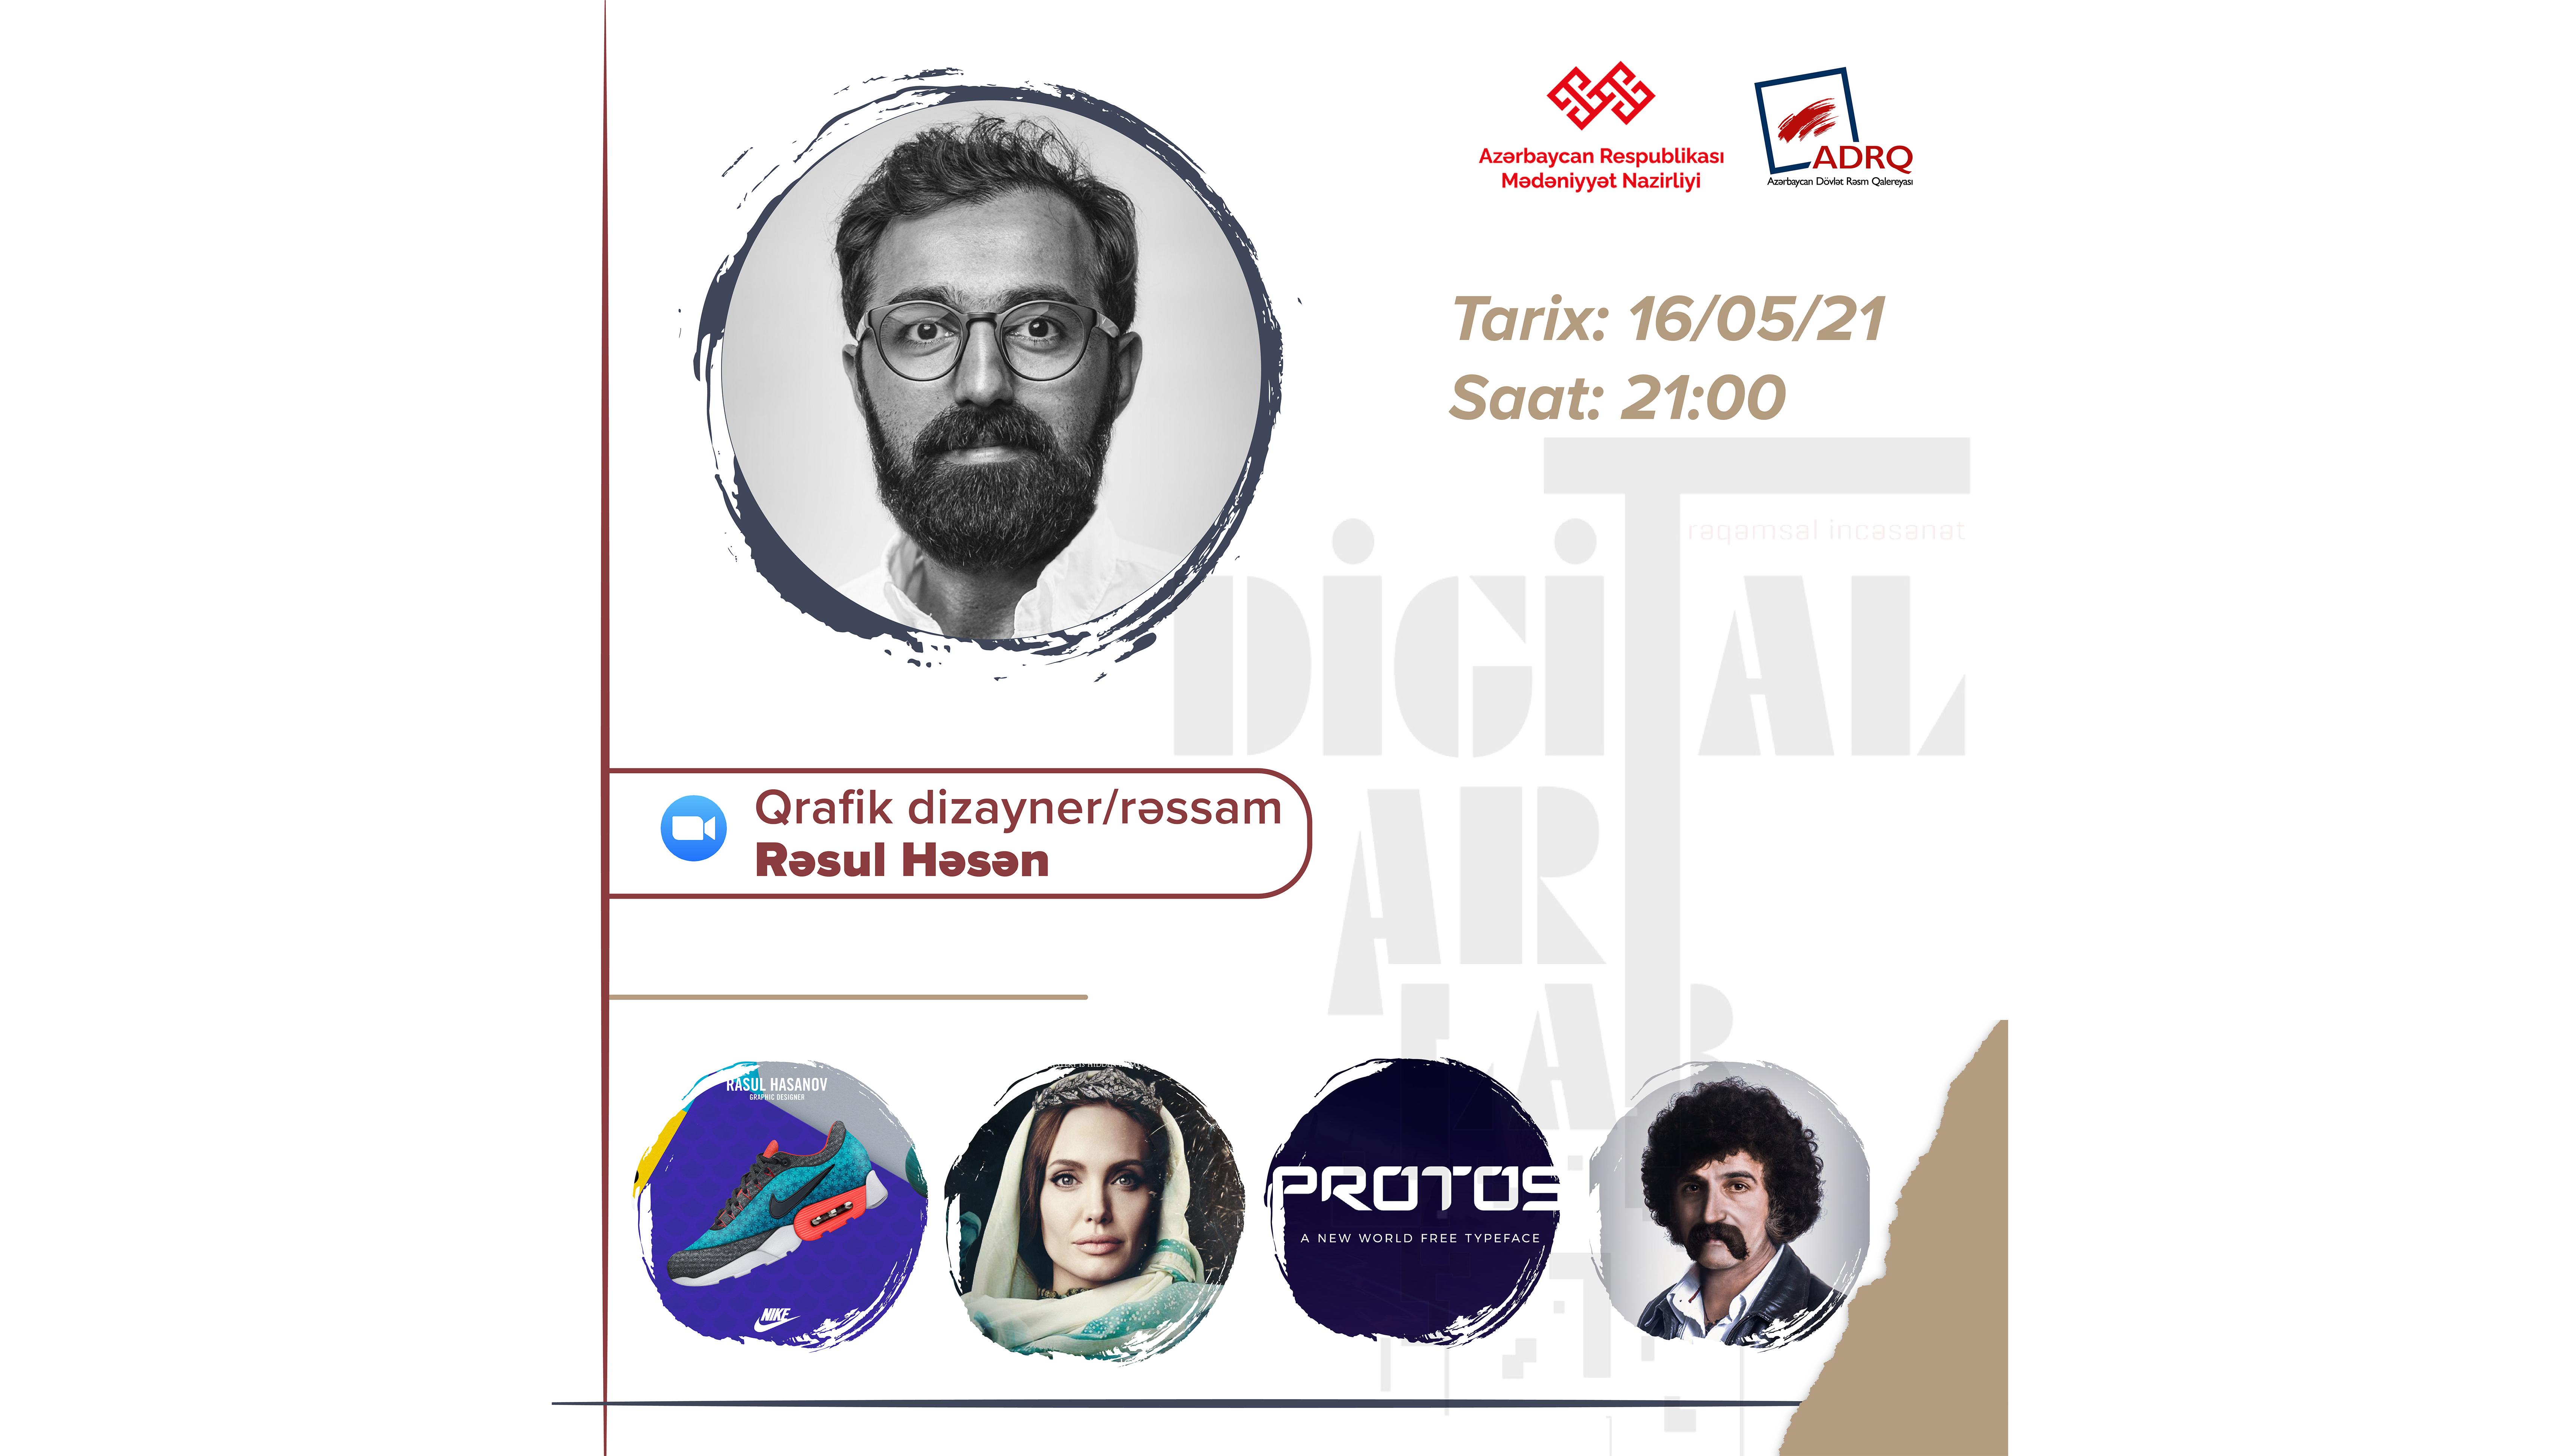 """""""Digitalart-lab"""" layihəsi çərçivəsində qrafik dizayner, rəssam Rəsul Həsənin ustad dərsi baş tutacaq"""